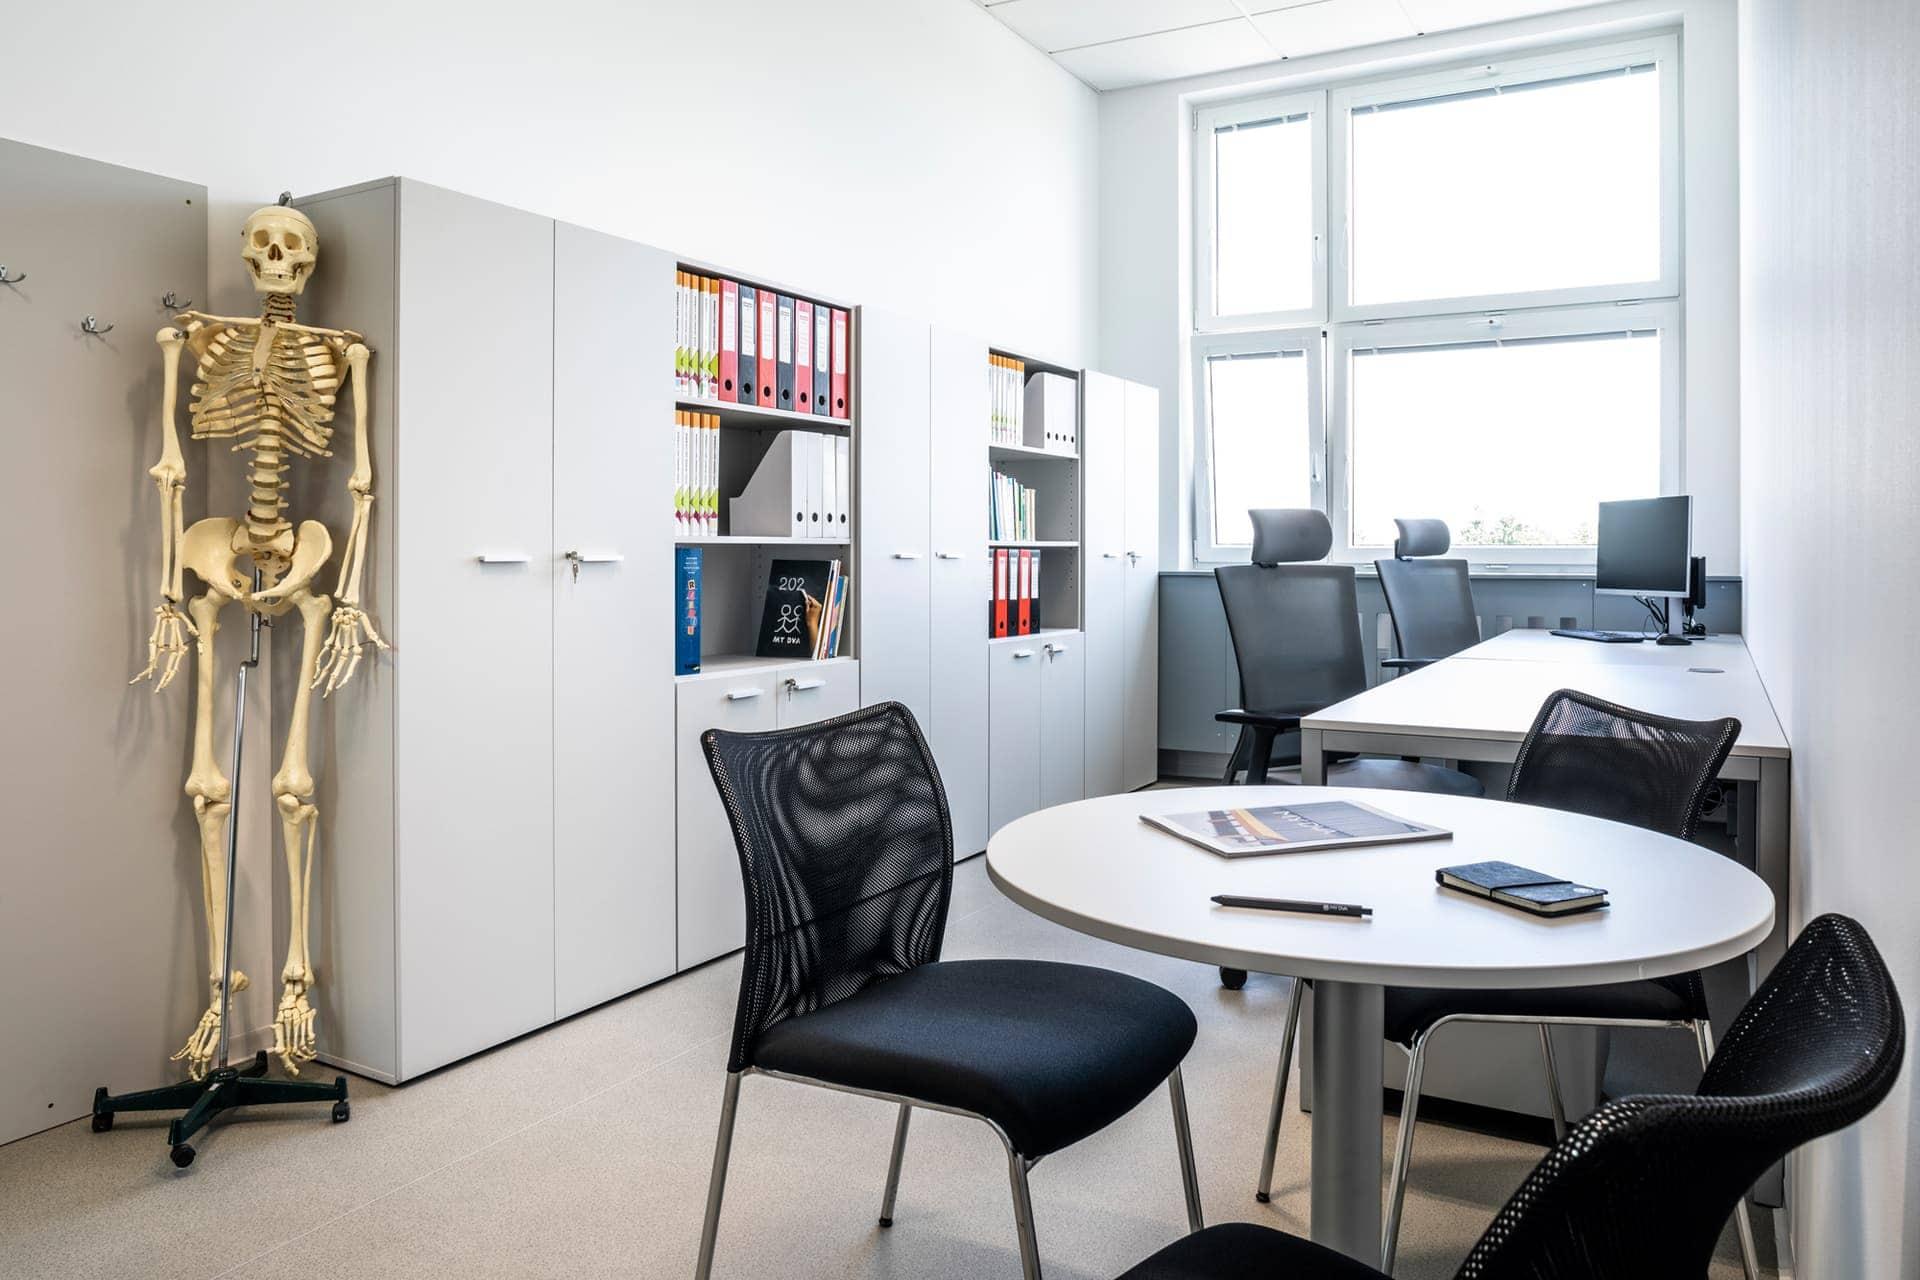 kabinet biológie